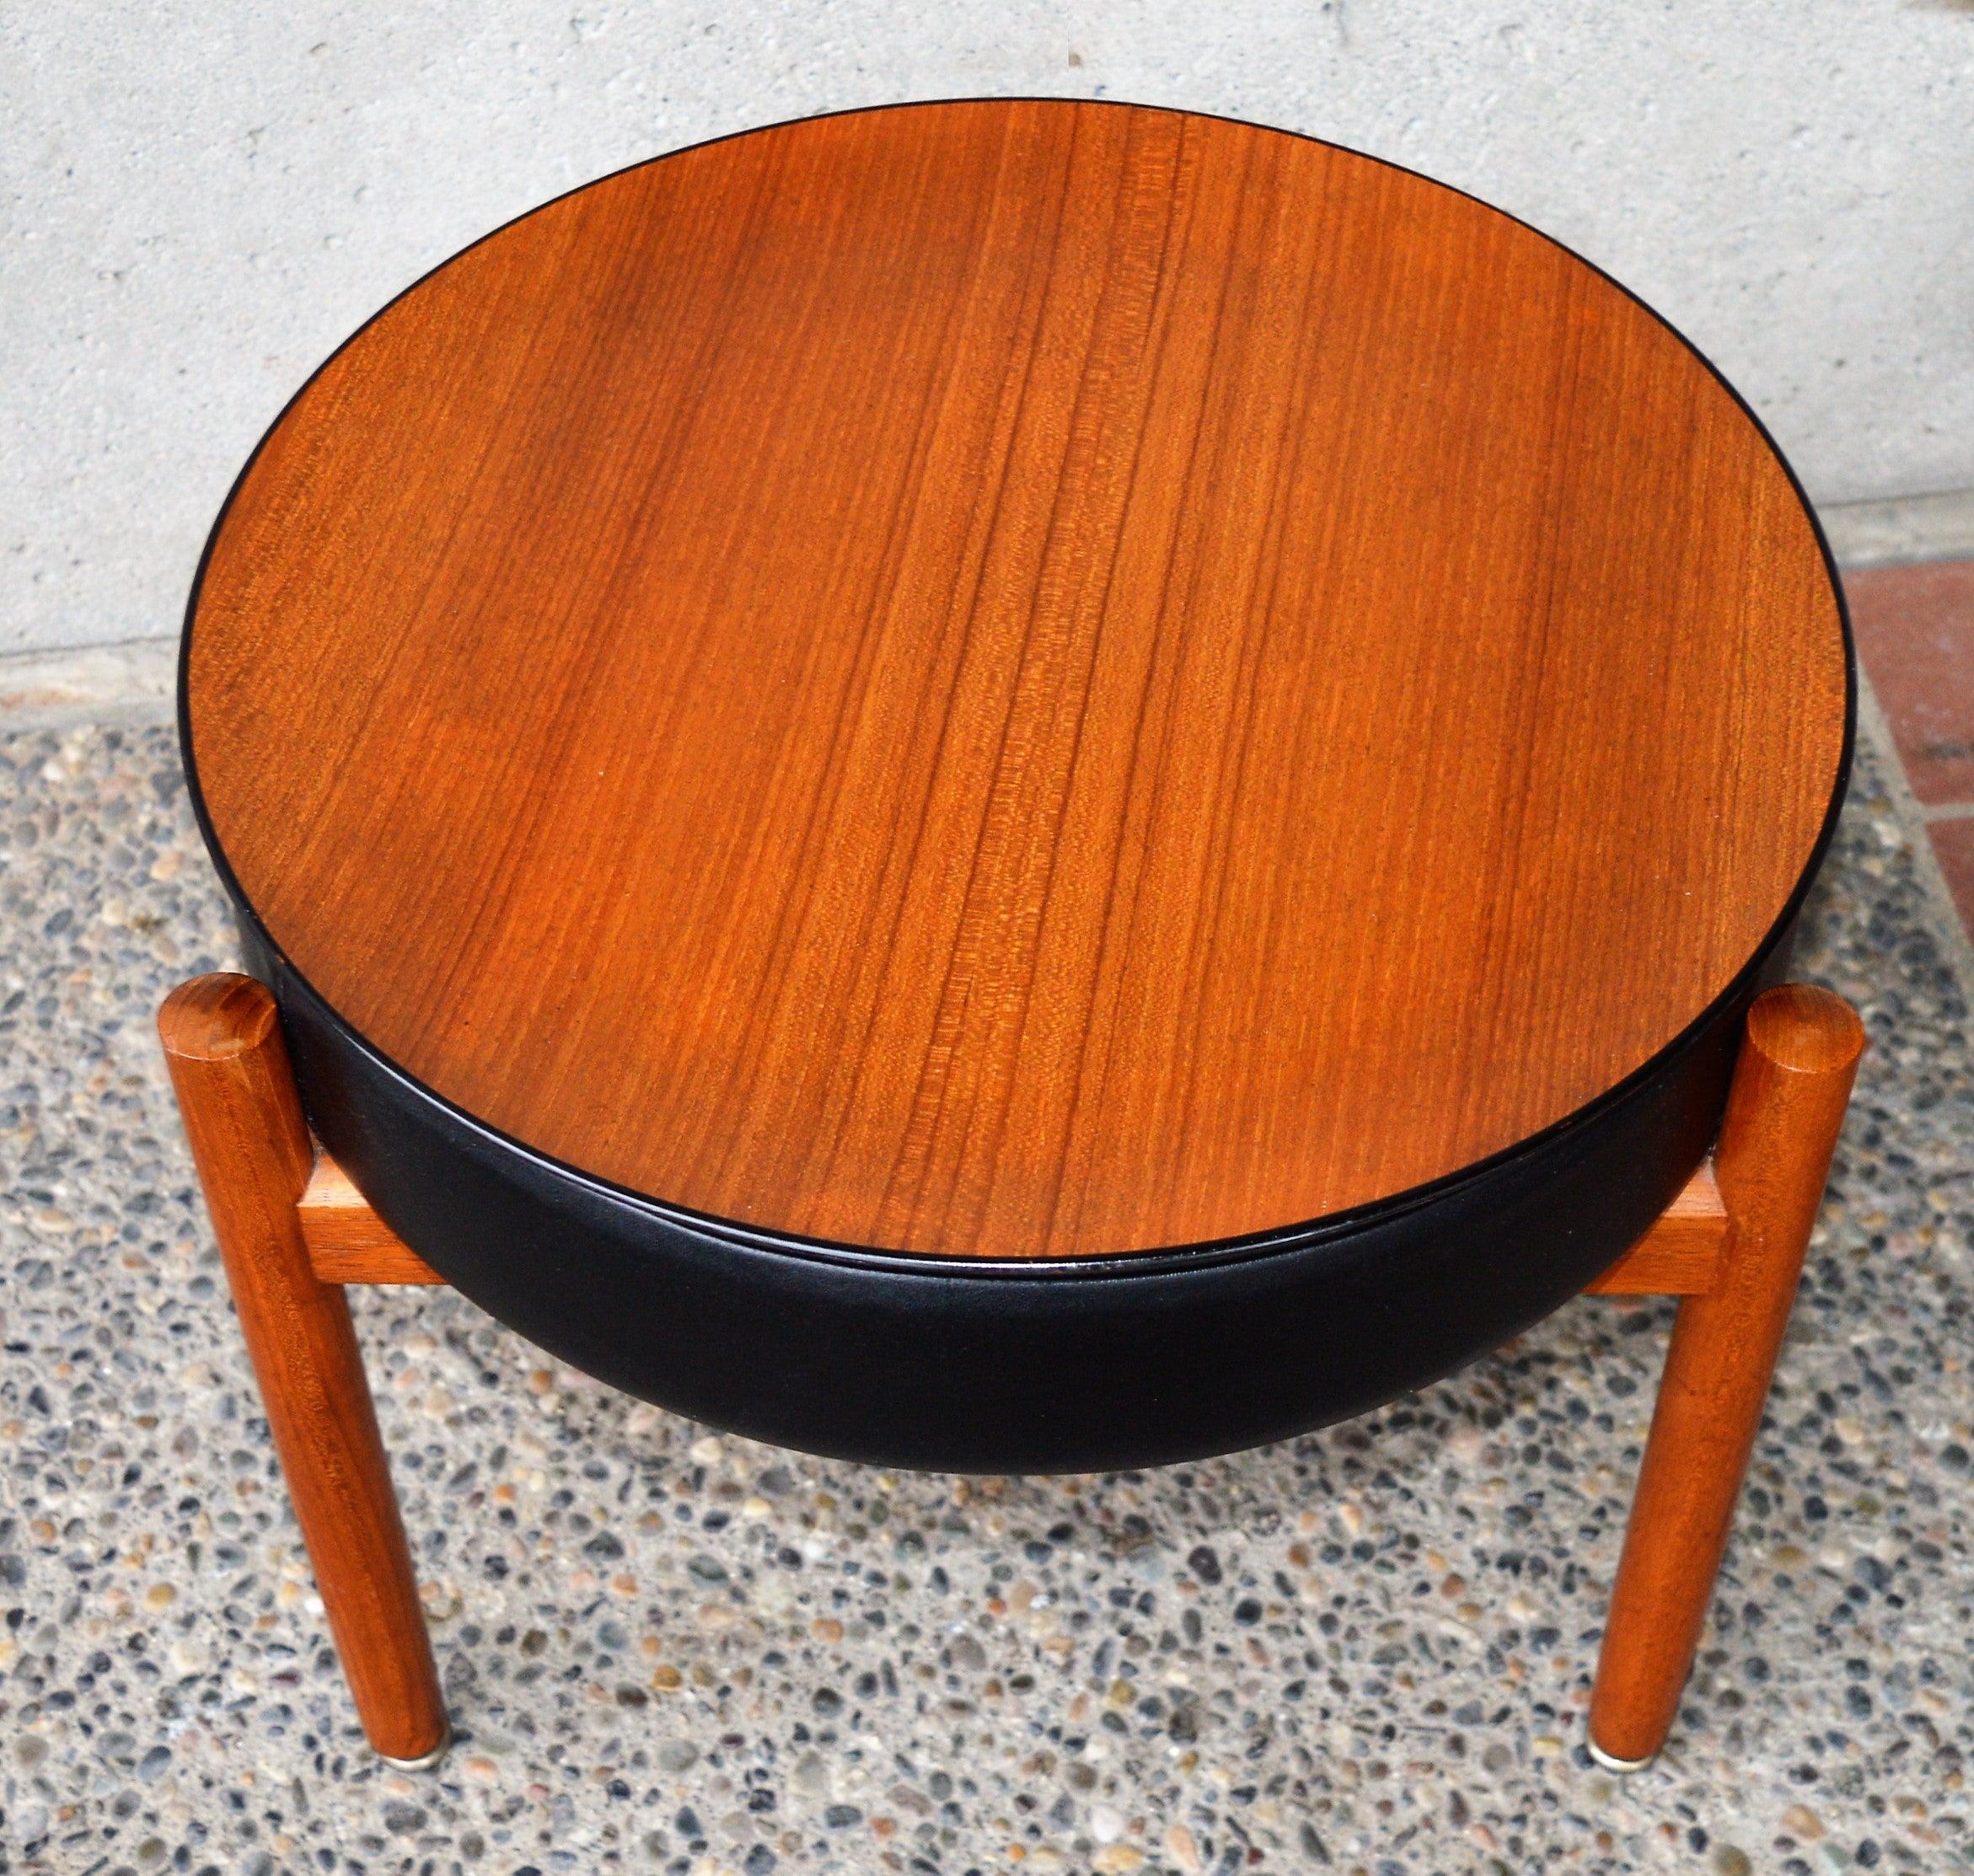 Danish Teak Stool Or Table By Hugo Frandsen For Spottrup